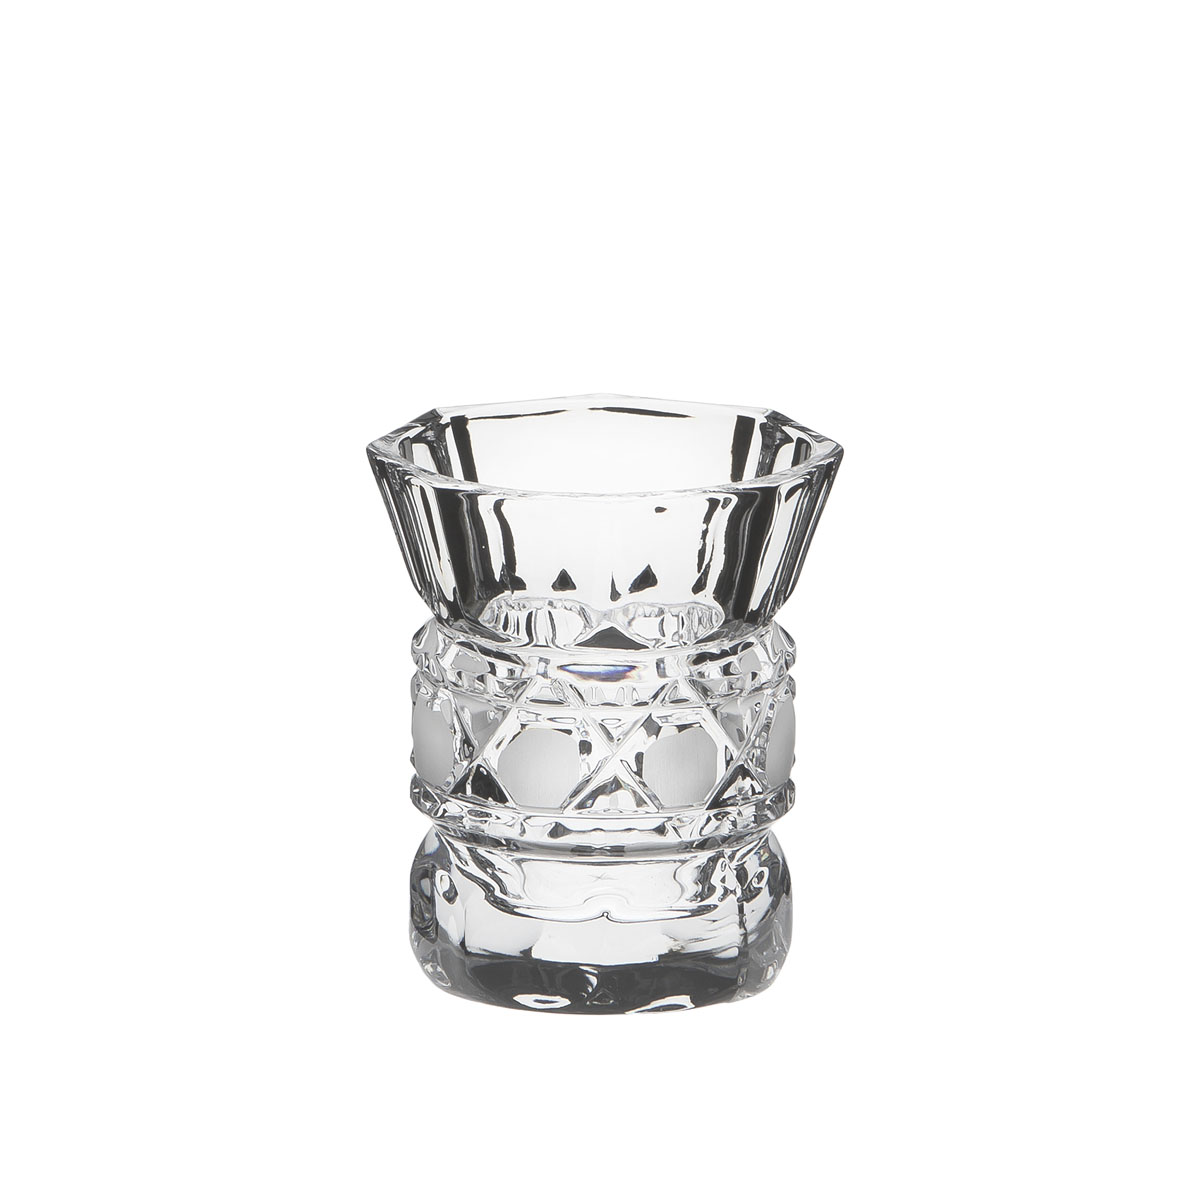 Стопка Дятьковский хрусталь Мария, 60 млVT-1520(SR)Стопка Дятьковский хрусталь Мария изготовлена из высококачественного хрусталя и идеально подходит для крепких спиртных напитков.Такая стопка станет отличным дополнением сервировки стола. Диаметр (по верхнему краю): 5,5 см.Высота: 6,5 см.